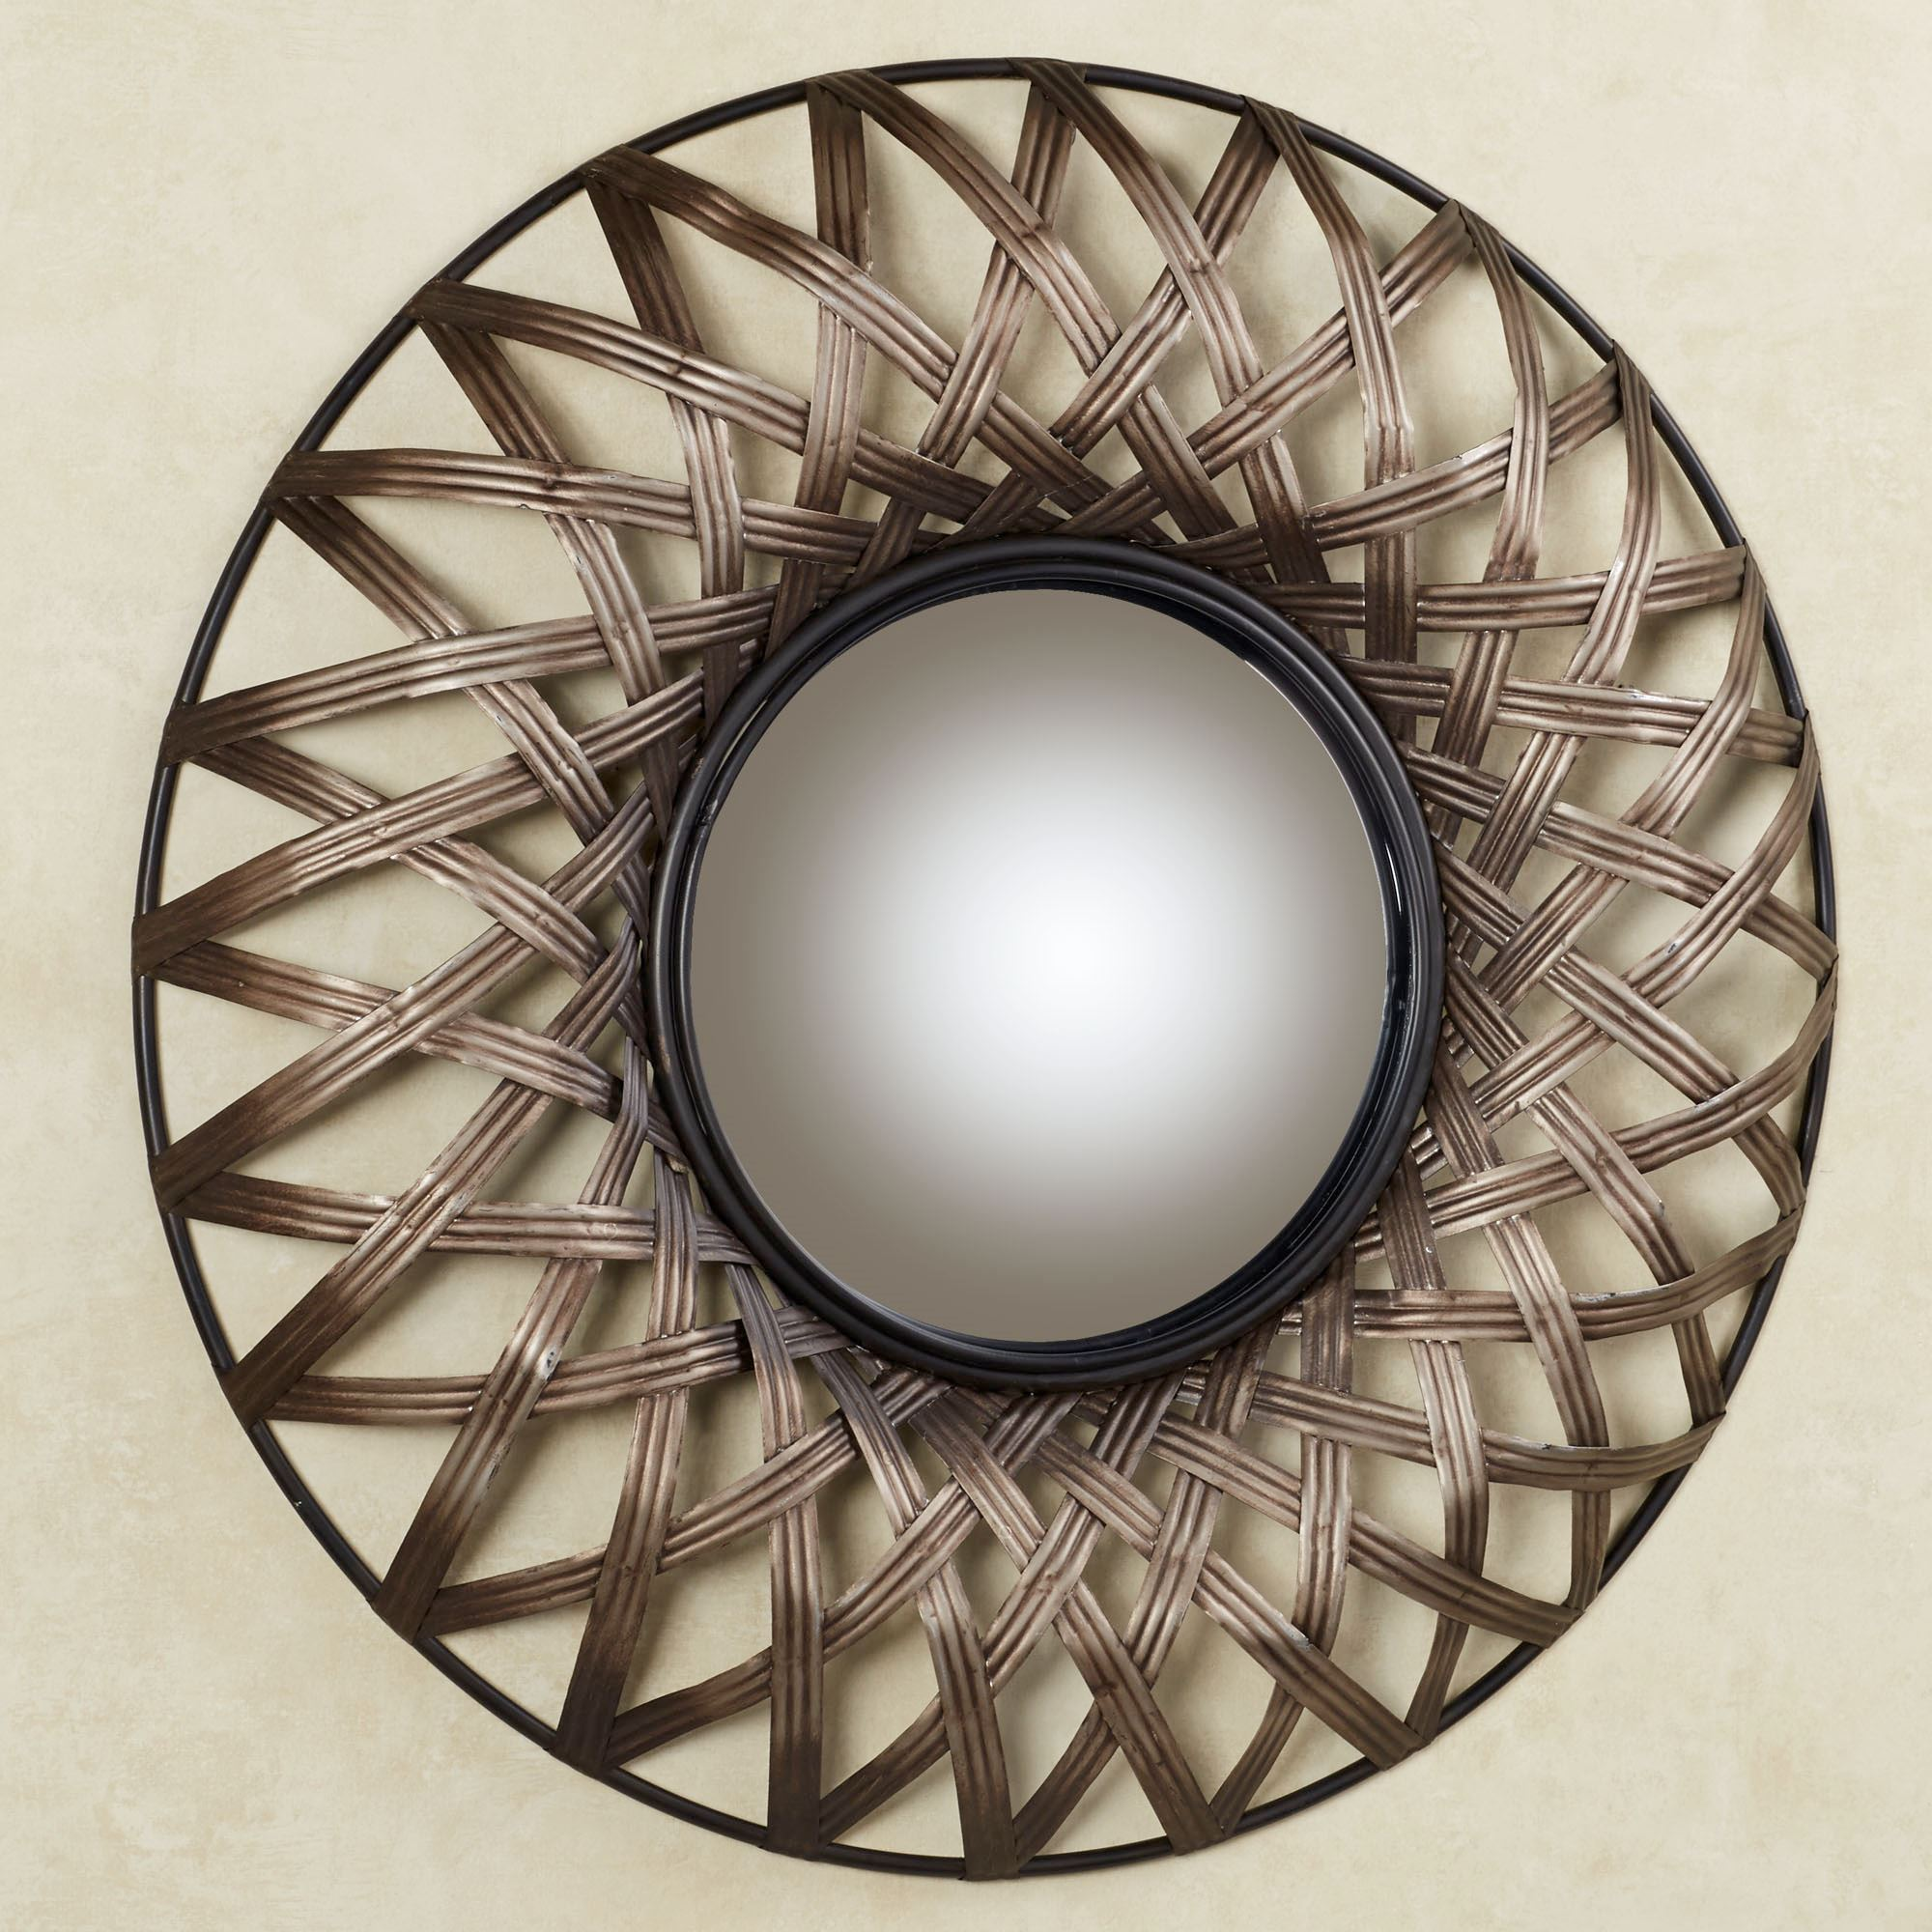 Stark Round Mirrored Metal Wall Art